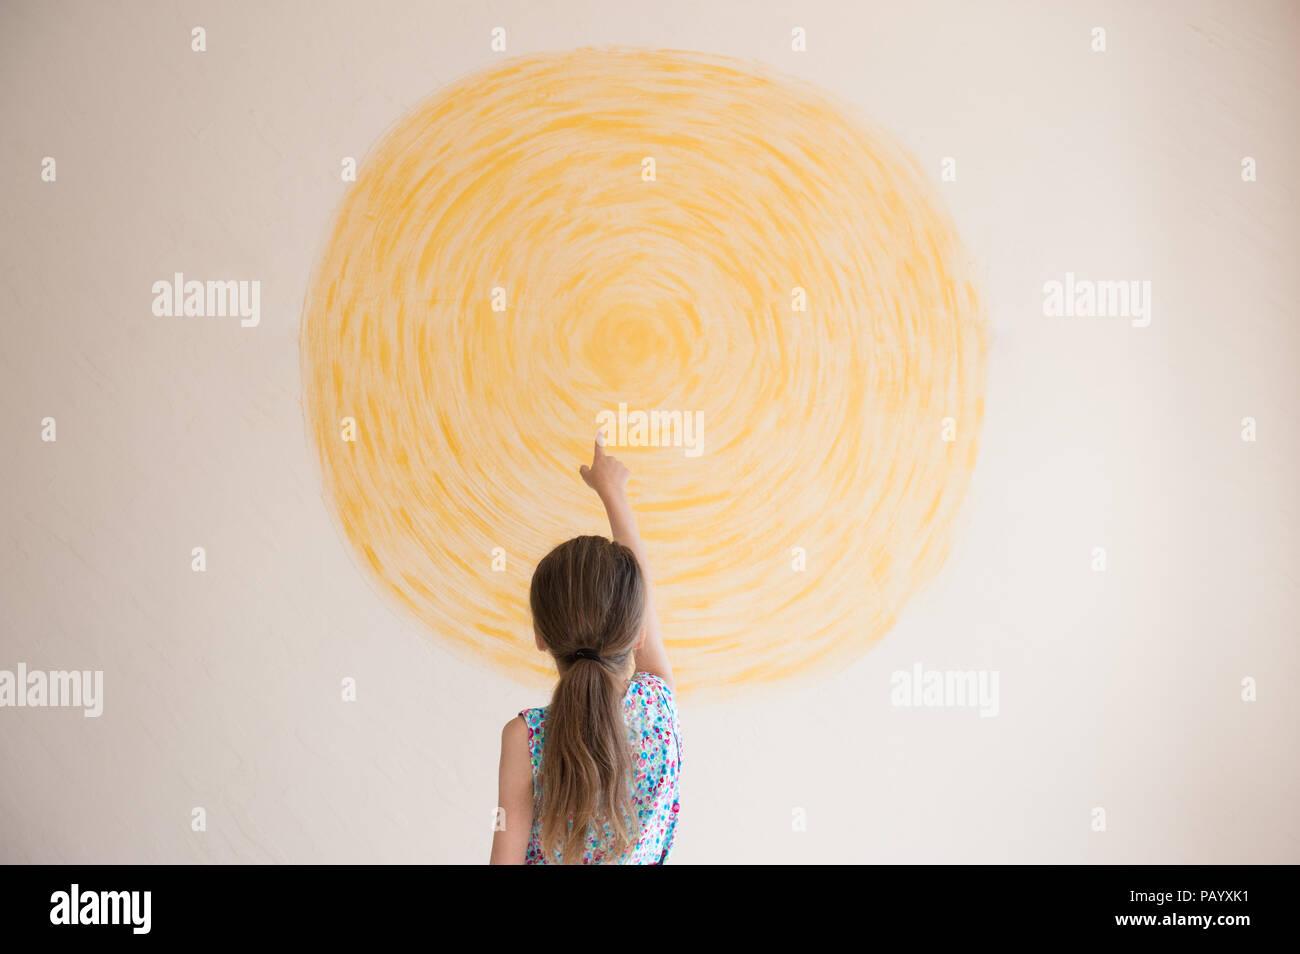 Kleines Mädchen Zeigefinger am gelben Sonne auf Wand innen lackiert Stockbild